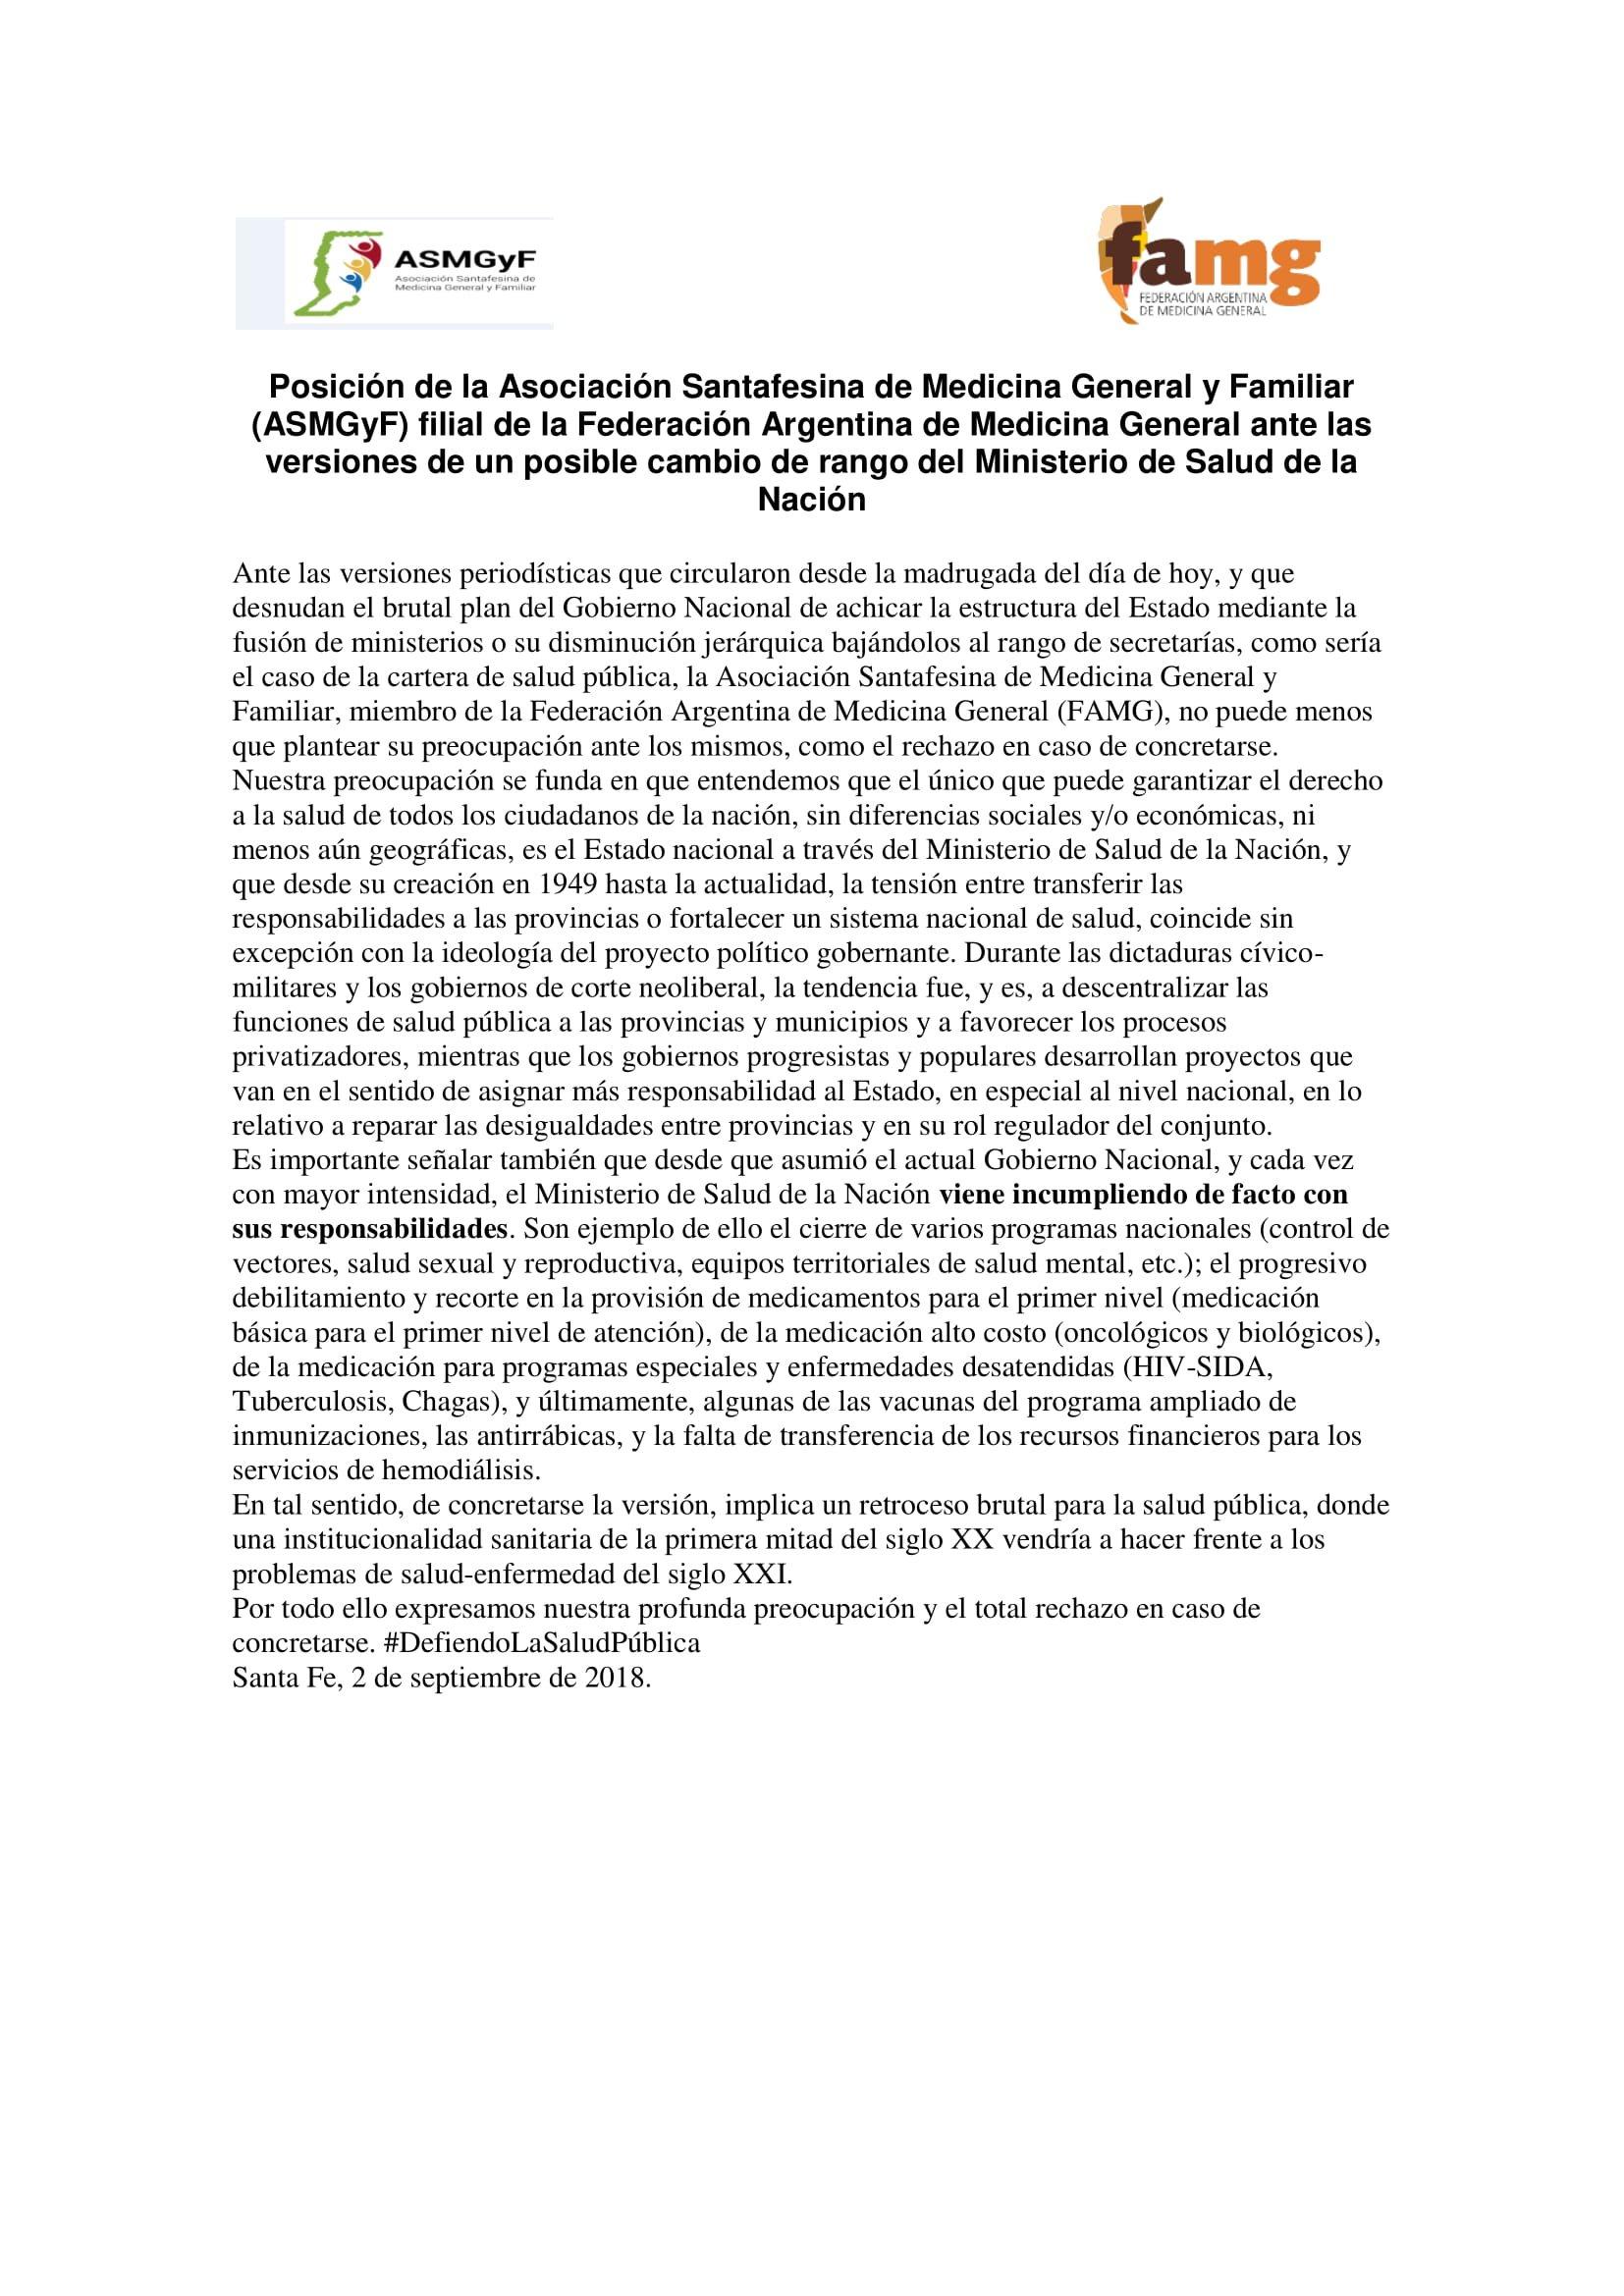 Posición de la Asociación Santafesina de Medicina General y Familiar2018-1